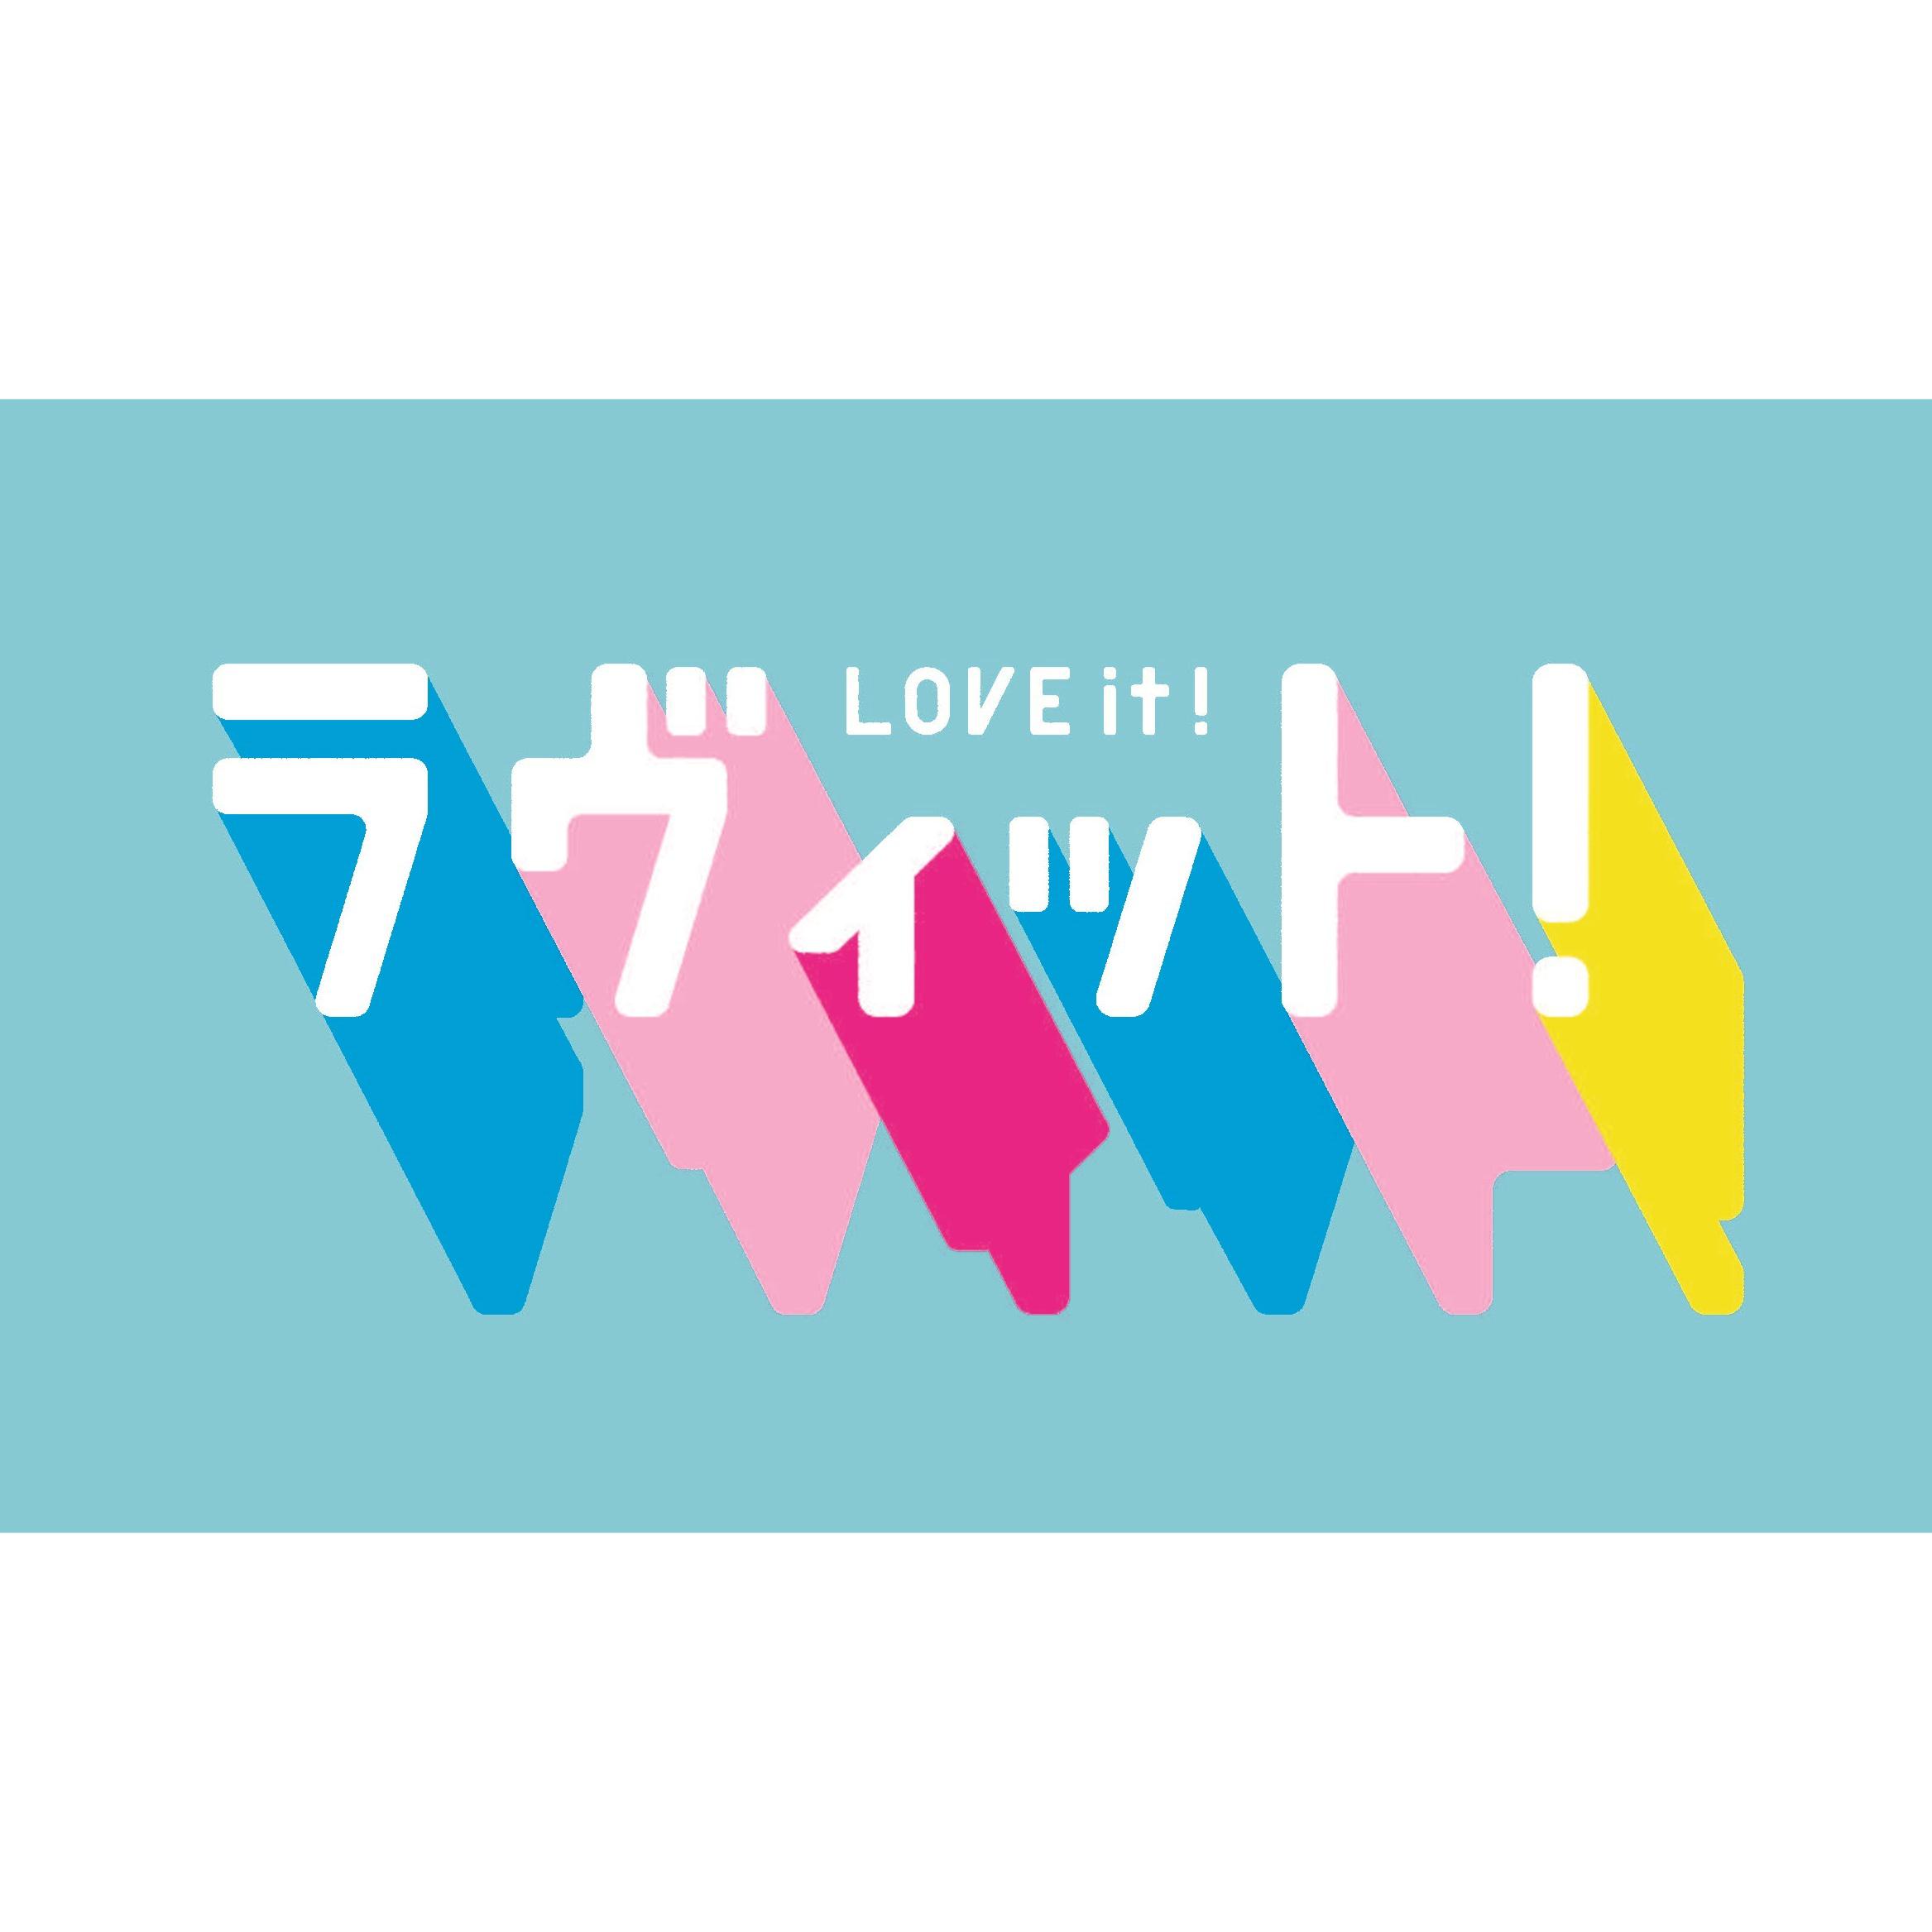 【メディア掲載】「ラヴィット!」TBS系列(2021年4月9日放送)でGREEN SPOONが紹介されました